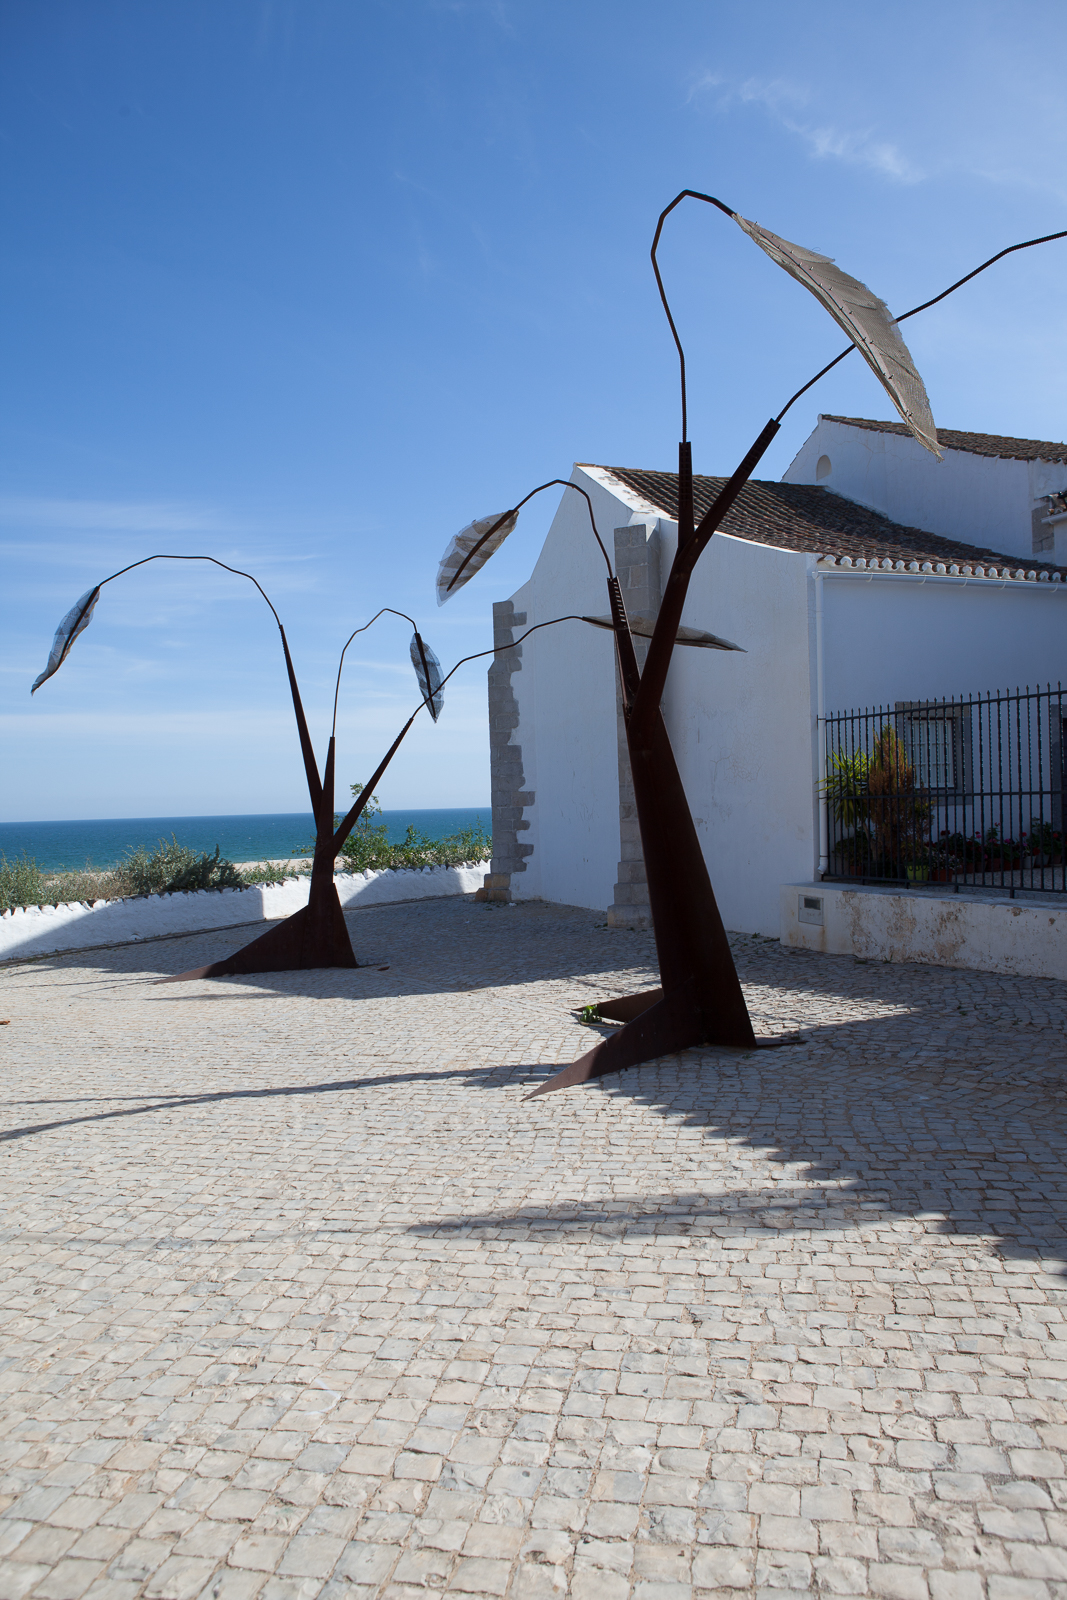 Dag05-Algarve-028-IMG_49426